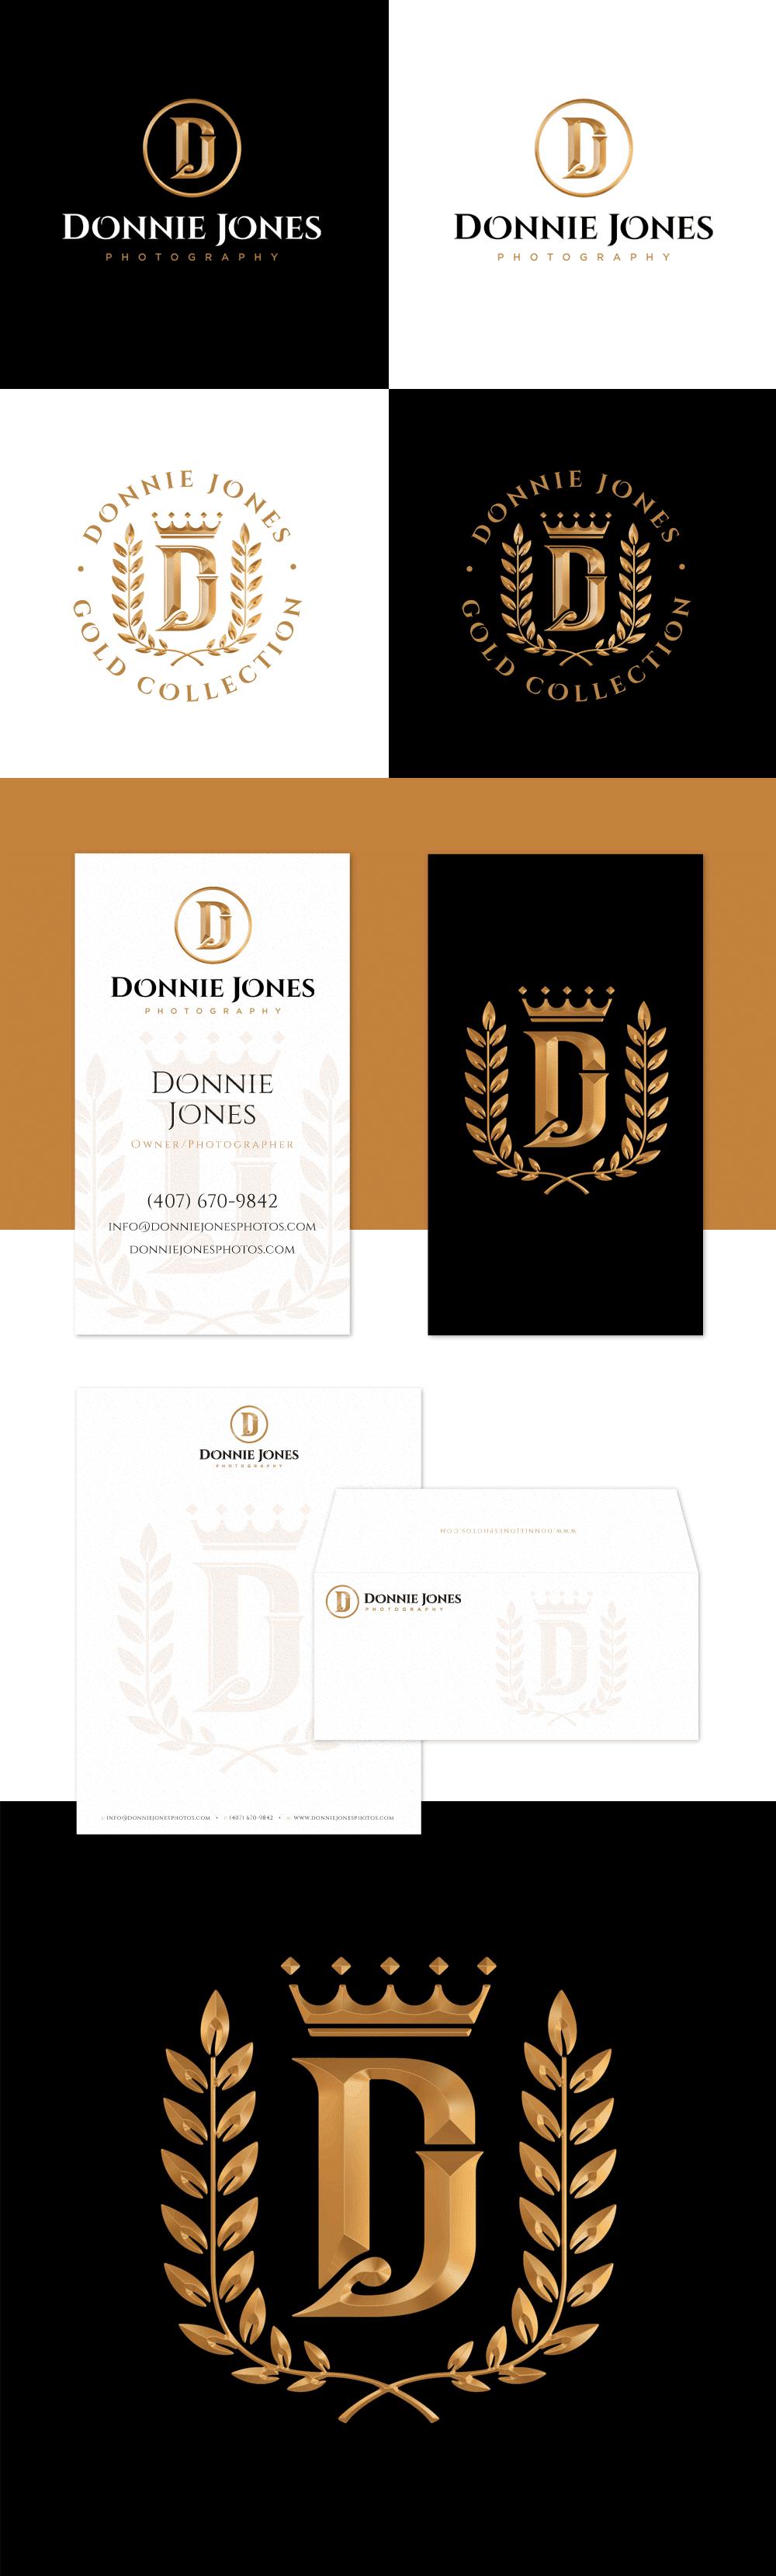 DJP-logo-branding